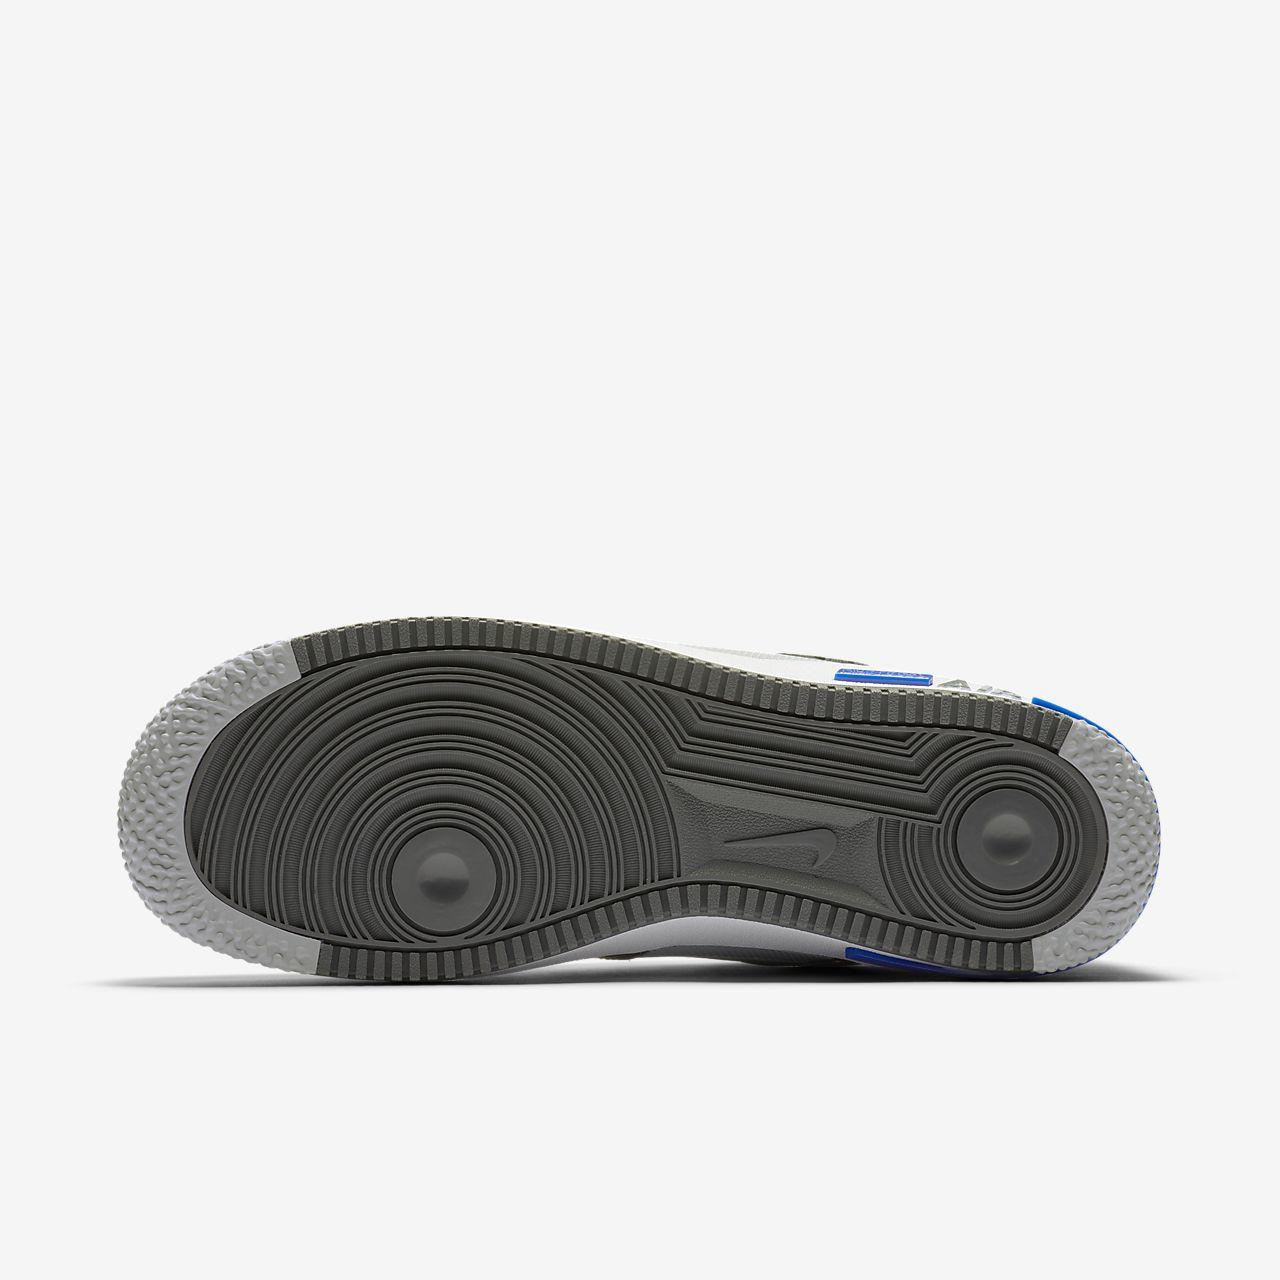 Nike Air Force 1 React Wolf Grey White Smoke Grey Dark Grey